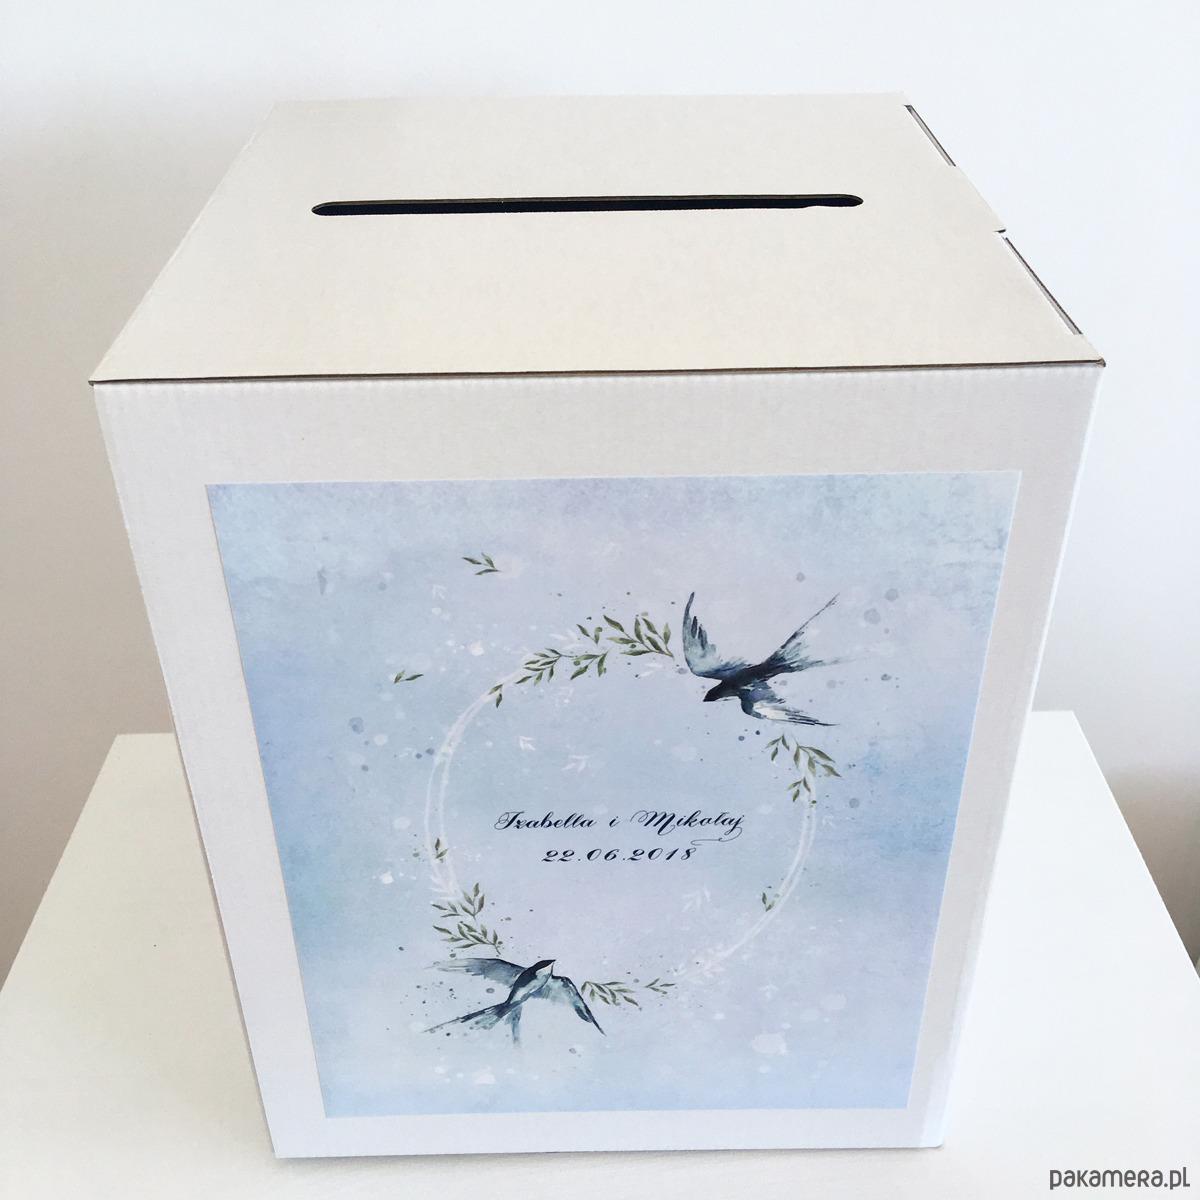 Zaawansowane Pudełko na koperty/prezenty weselne - Ślub - dodatki - Pakamera.pl OF73